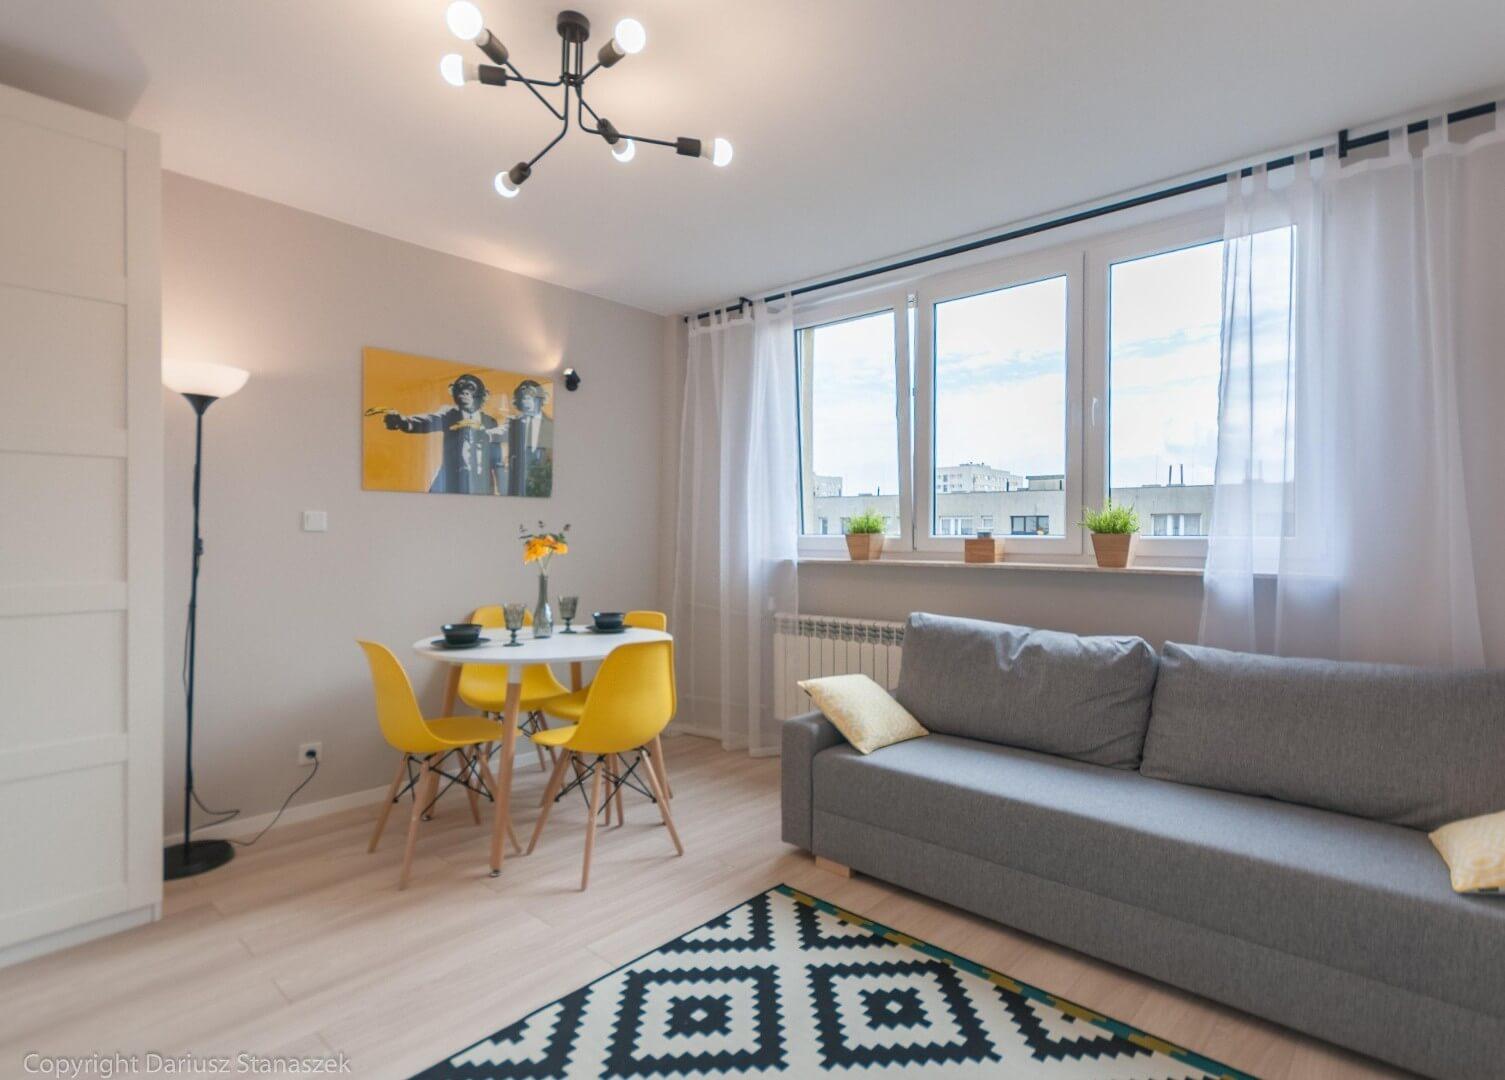 3-комнатная квартира 54 м2, Варшава